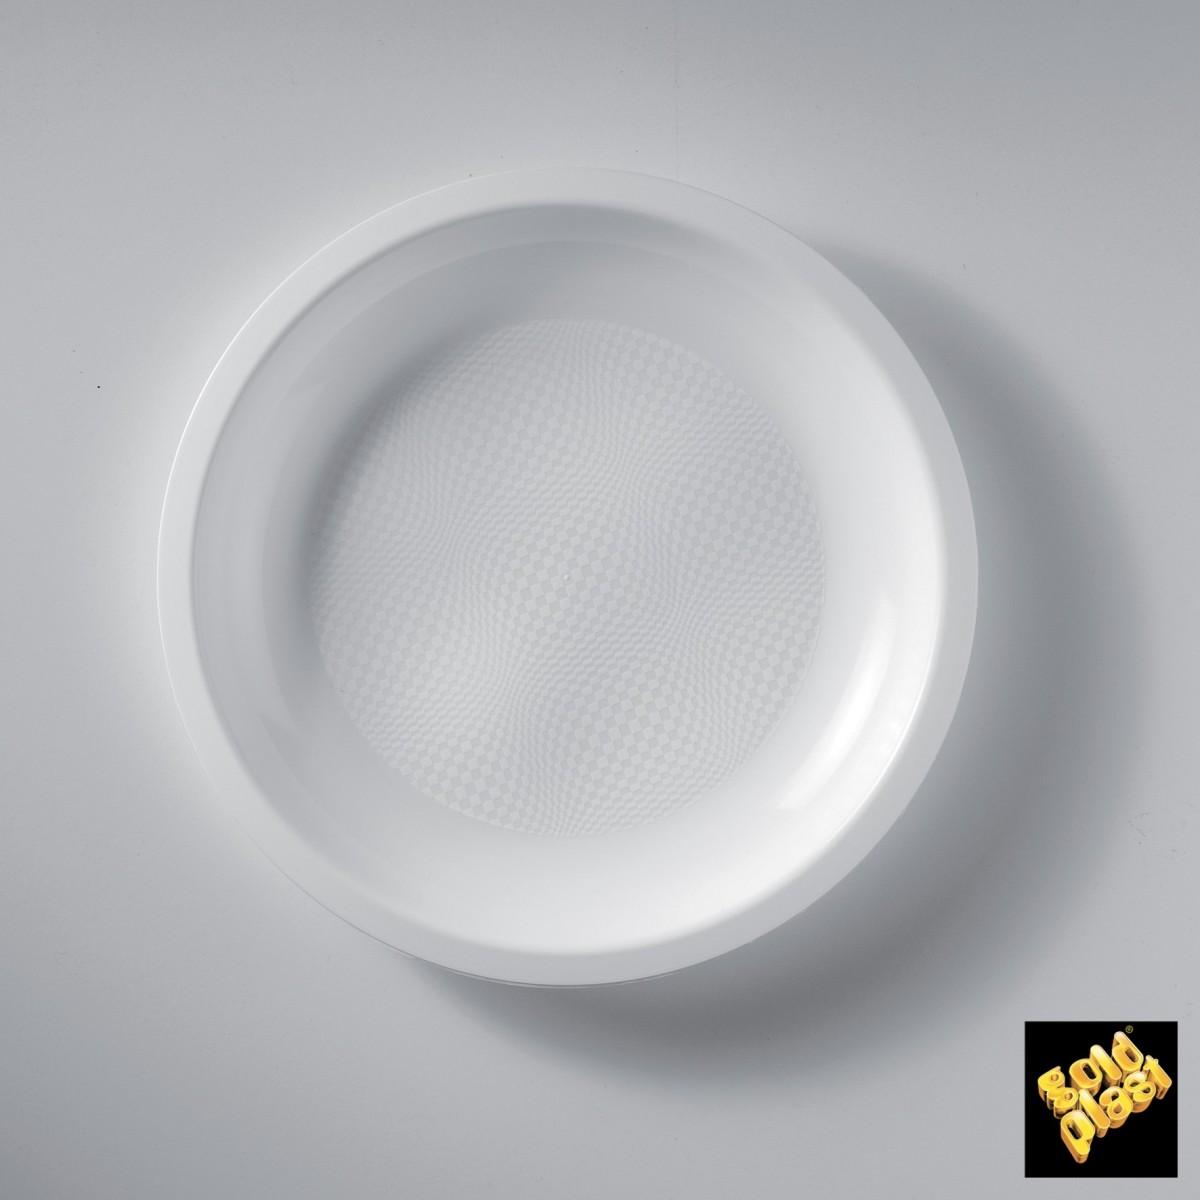 Piatto Tondo  Piano in Plastica Bianco Diam. Cm.22 Confezione 50 Pezzi